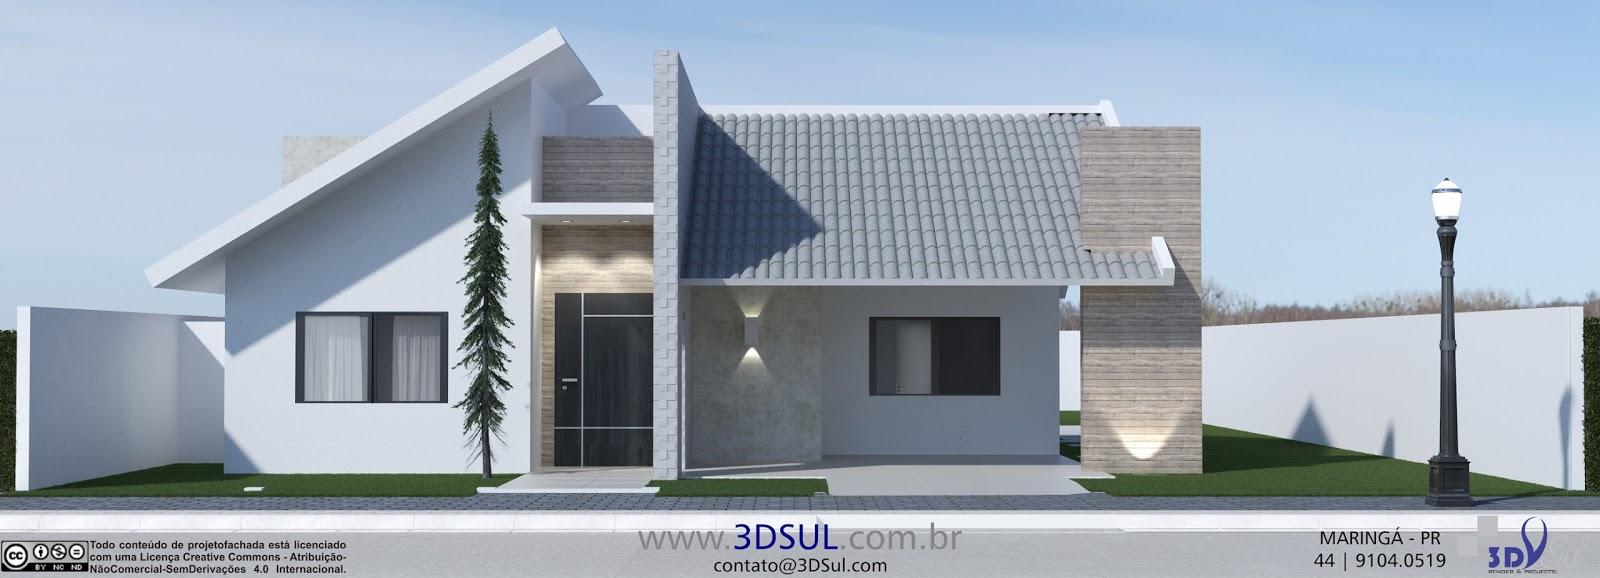 3dsul Maquete Eletr Nica 3d Projeto 3d Casa Telhado A